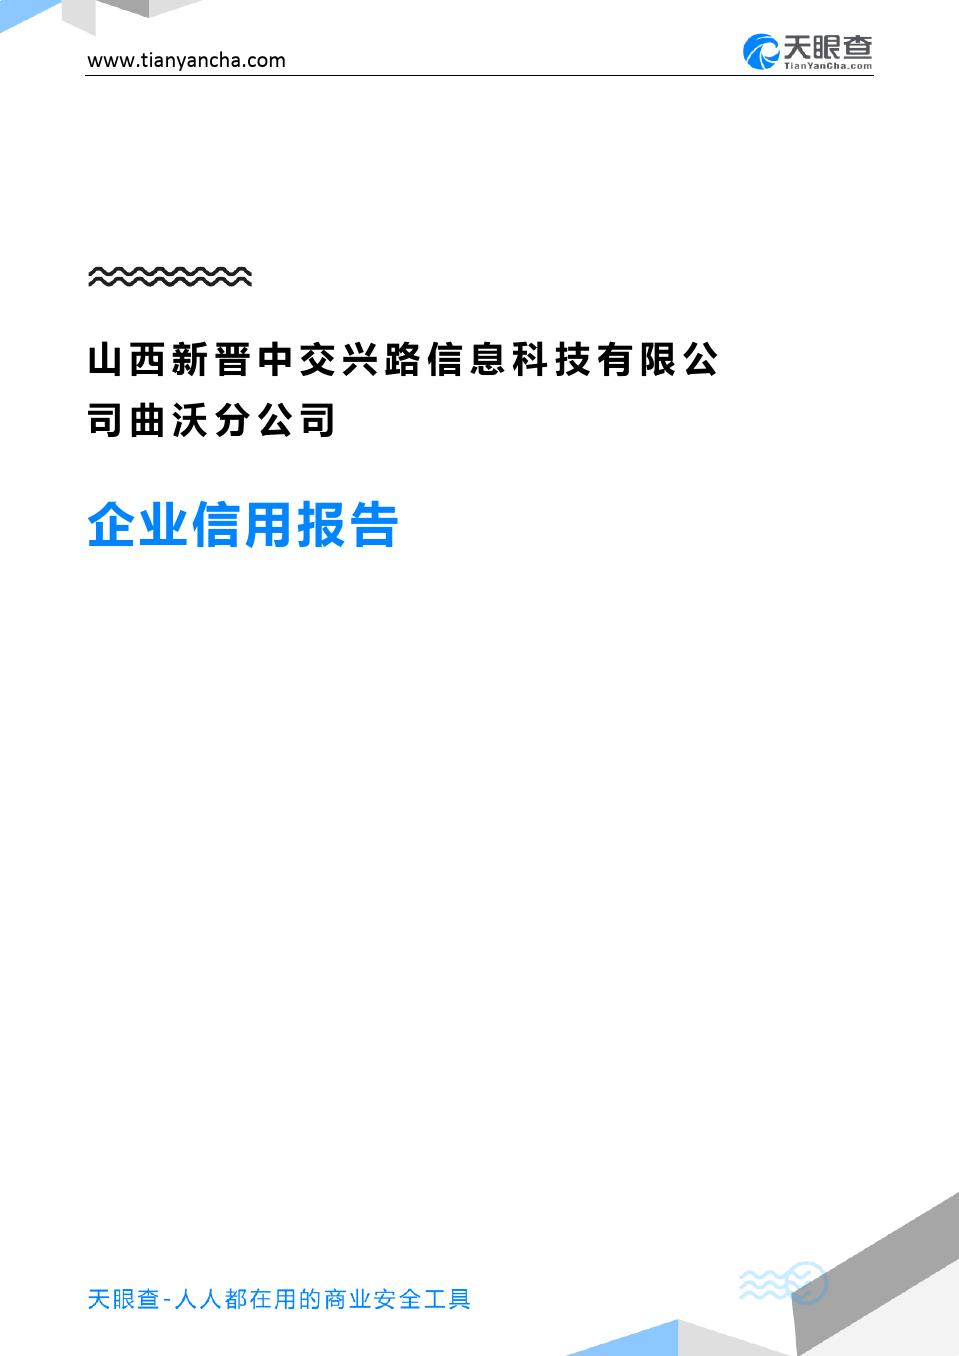 山西新晋中交兴路信息科技有限公司曲沃分公司企业信用报告-天眼查